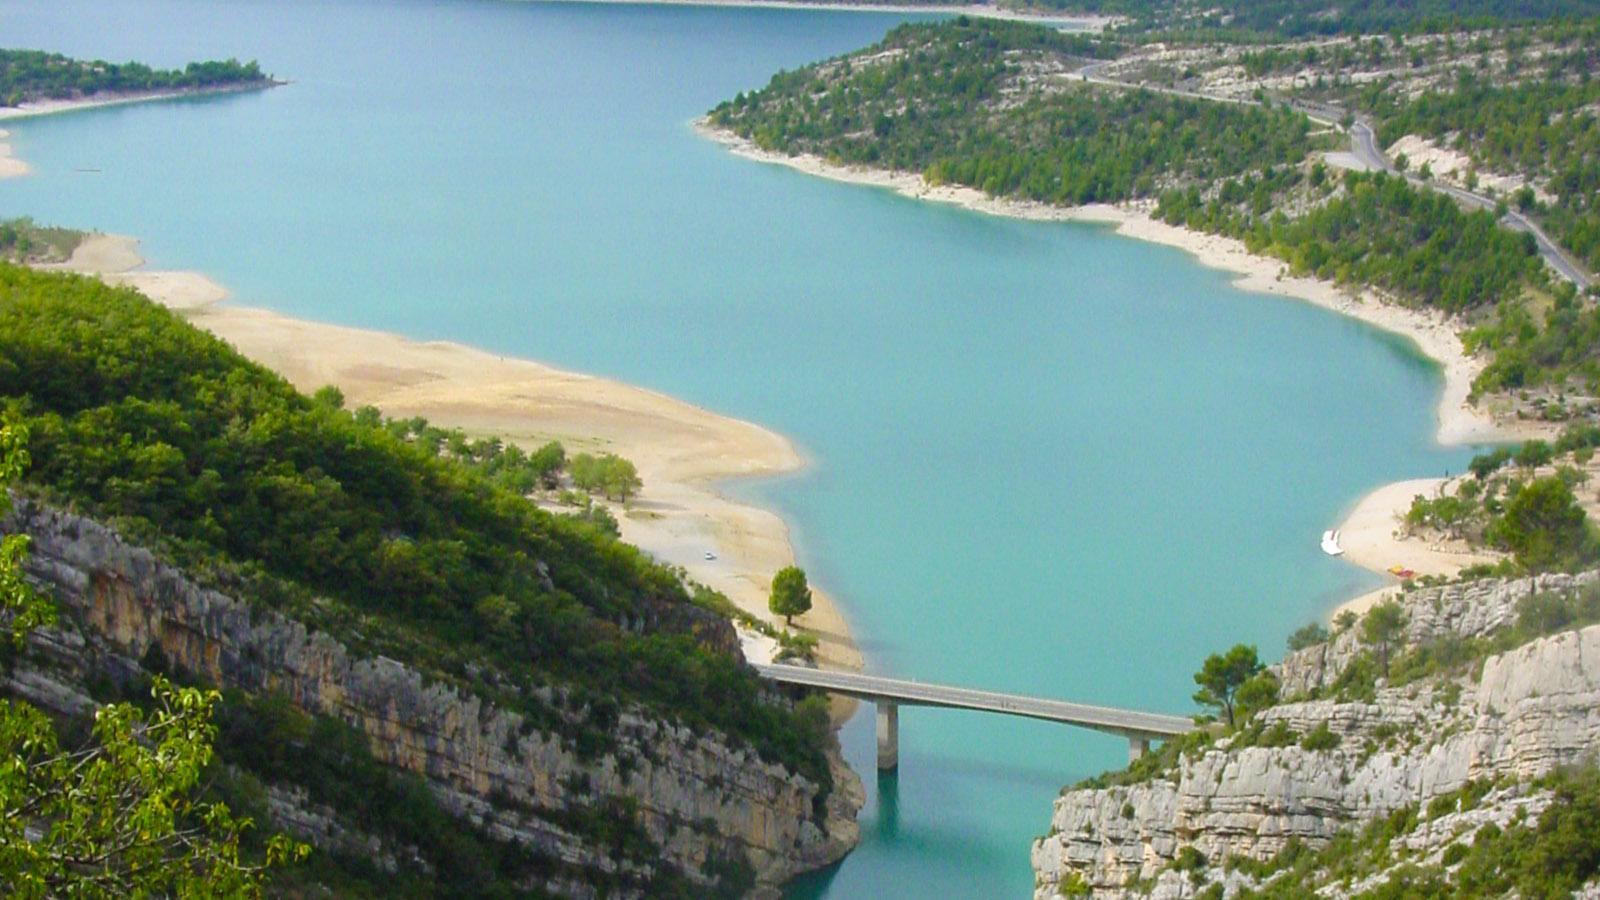 Gorges du Verdon: Mündung des Verdon in den Lac de Sainte-Croix. Foto: Hilke Maunder